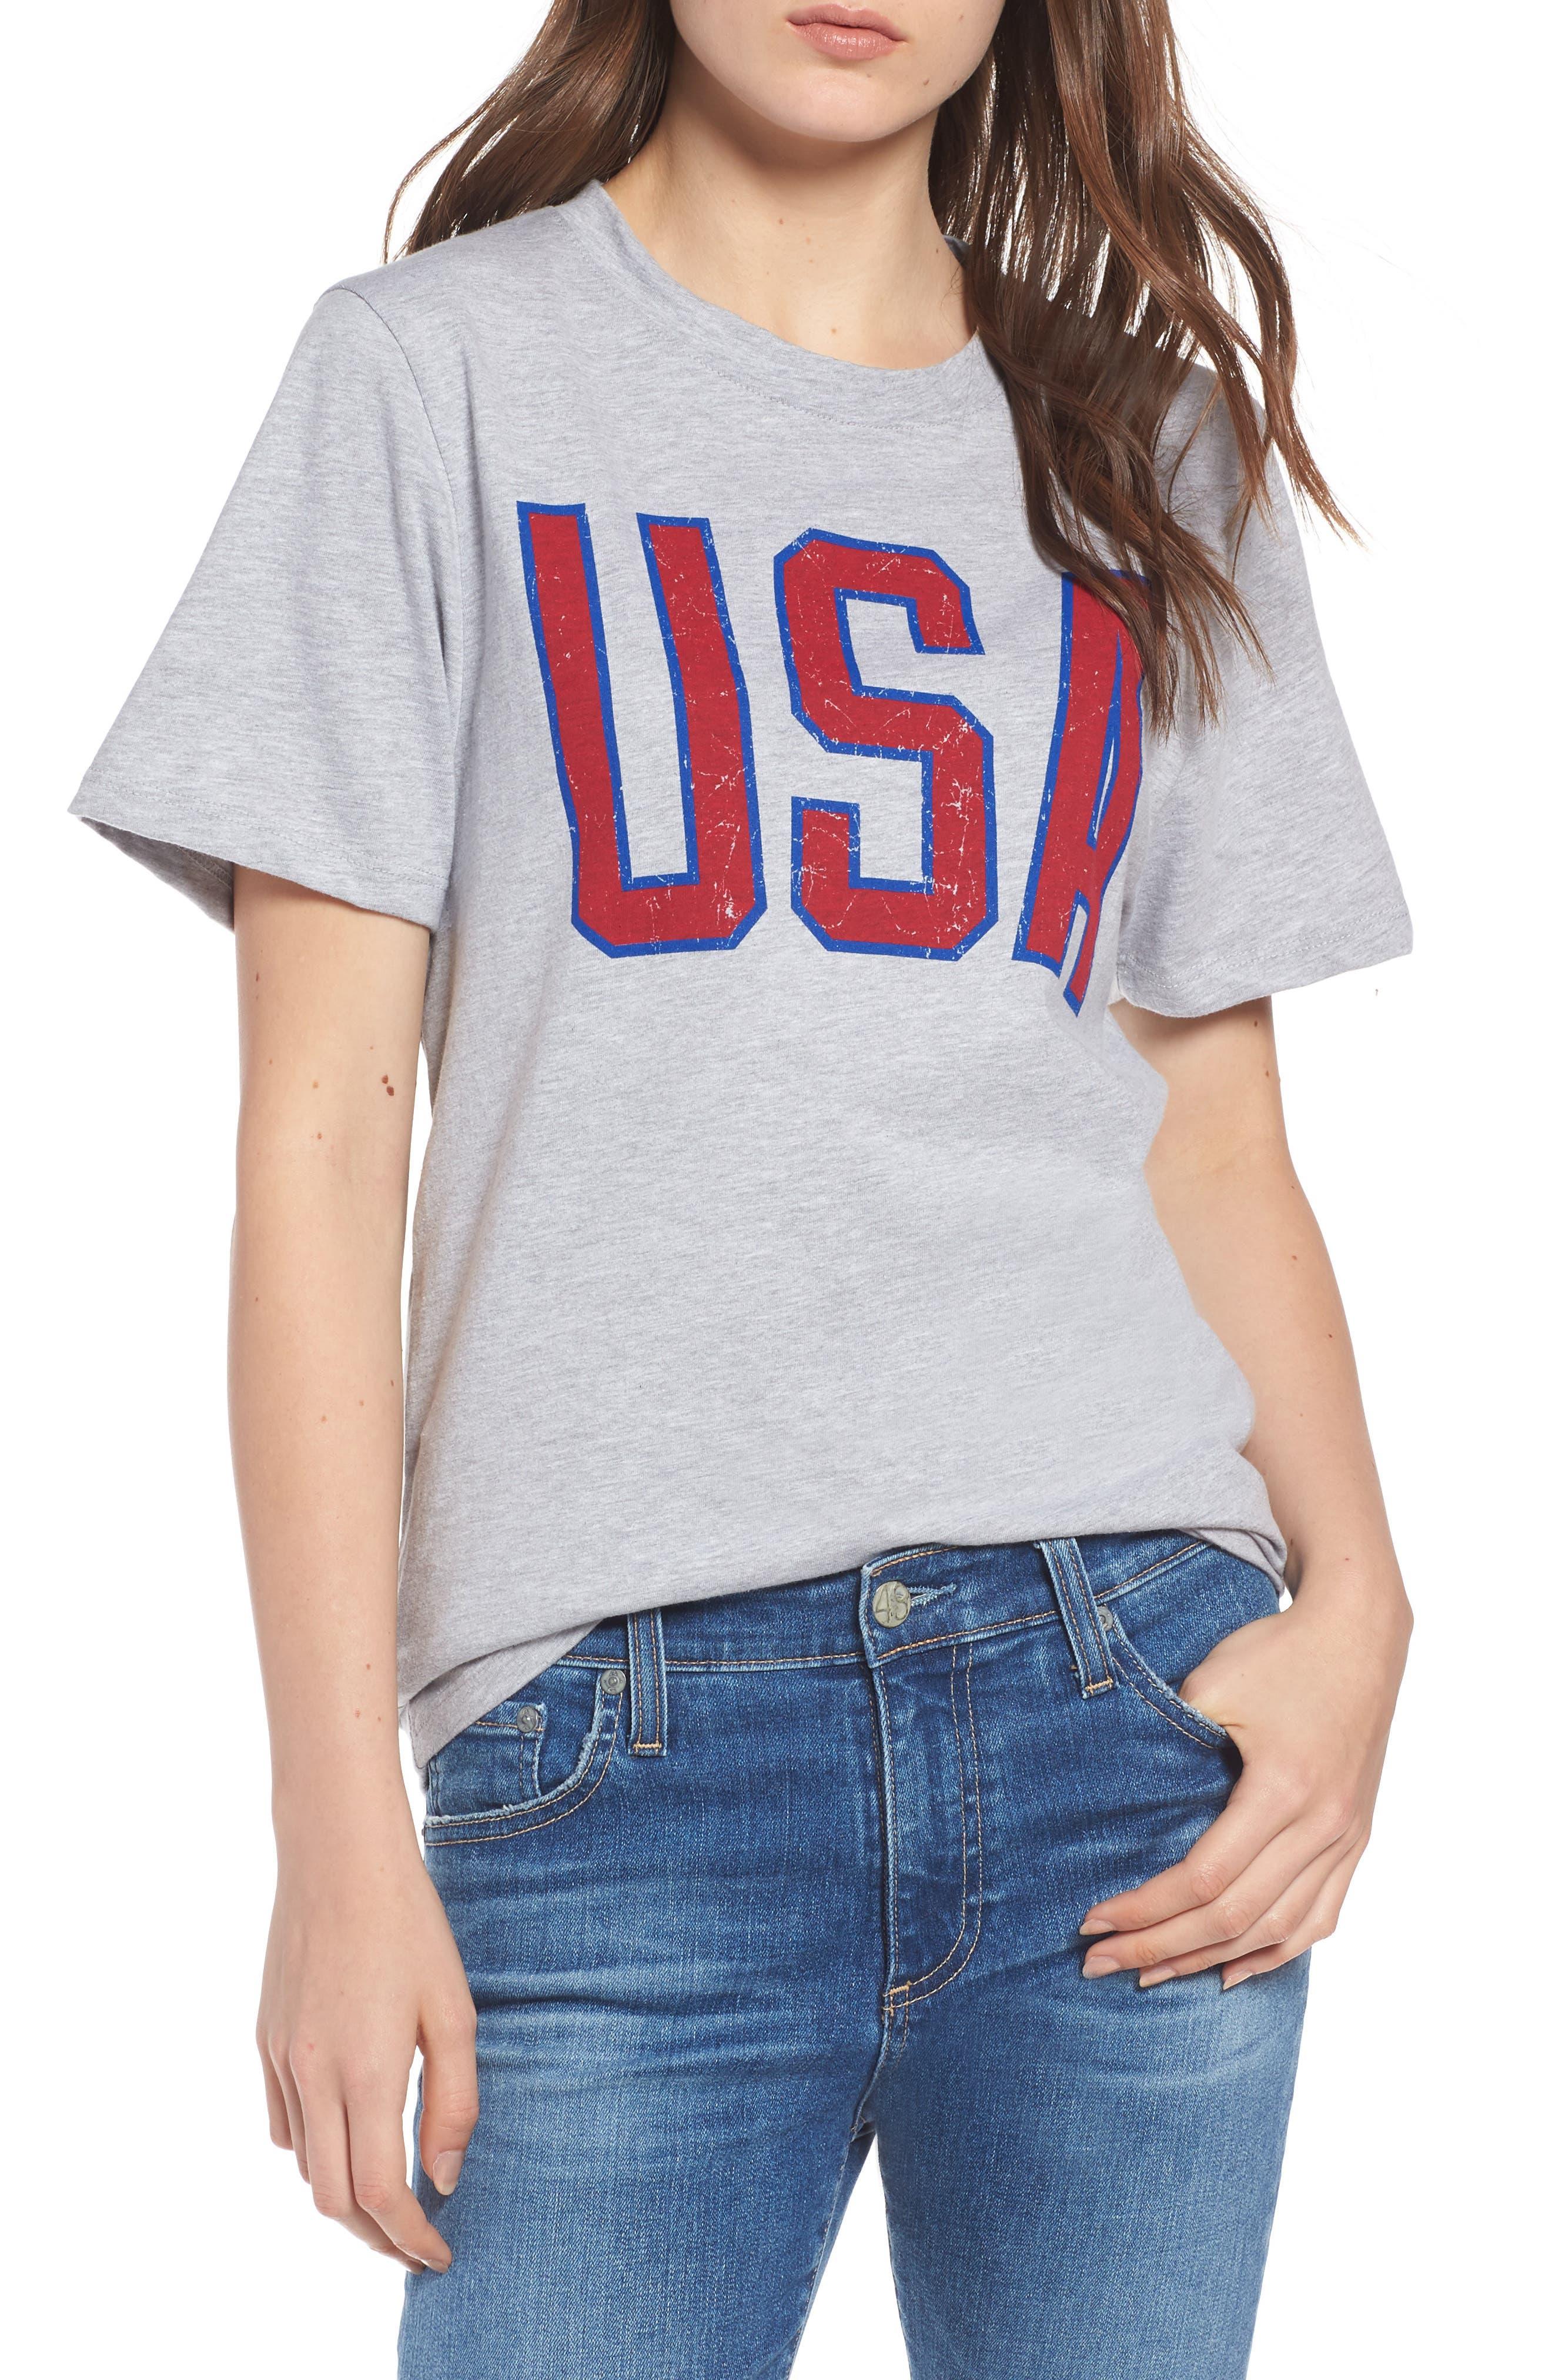 USA Tee,                         Main,                         color, 030